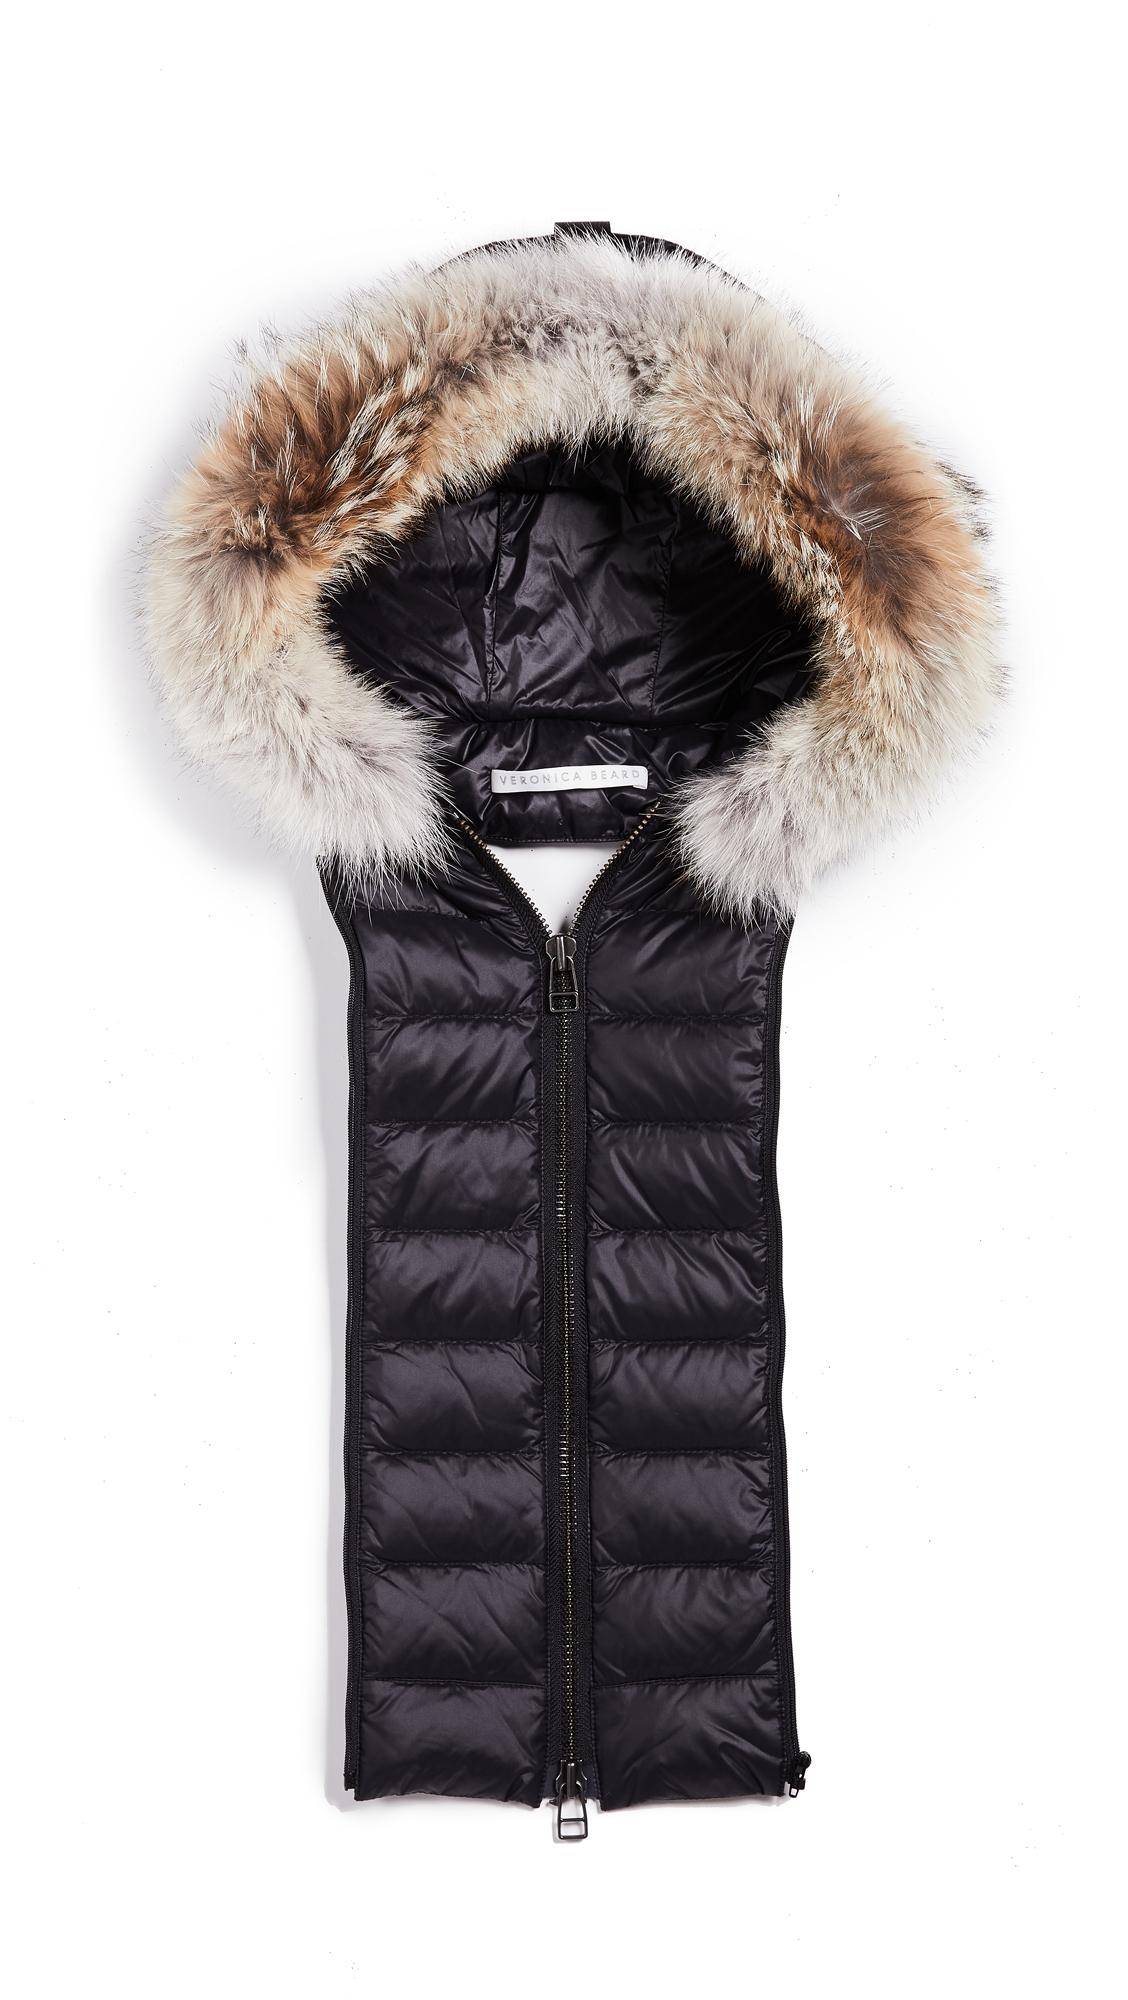 Veronica Beard Hoodie Dickey with Fur In Black